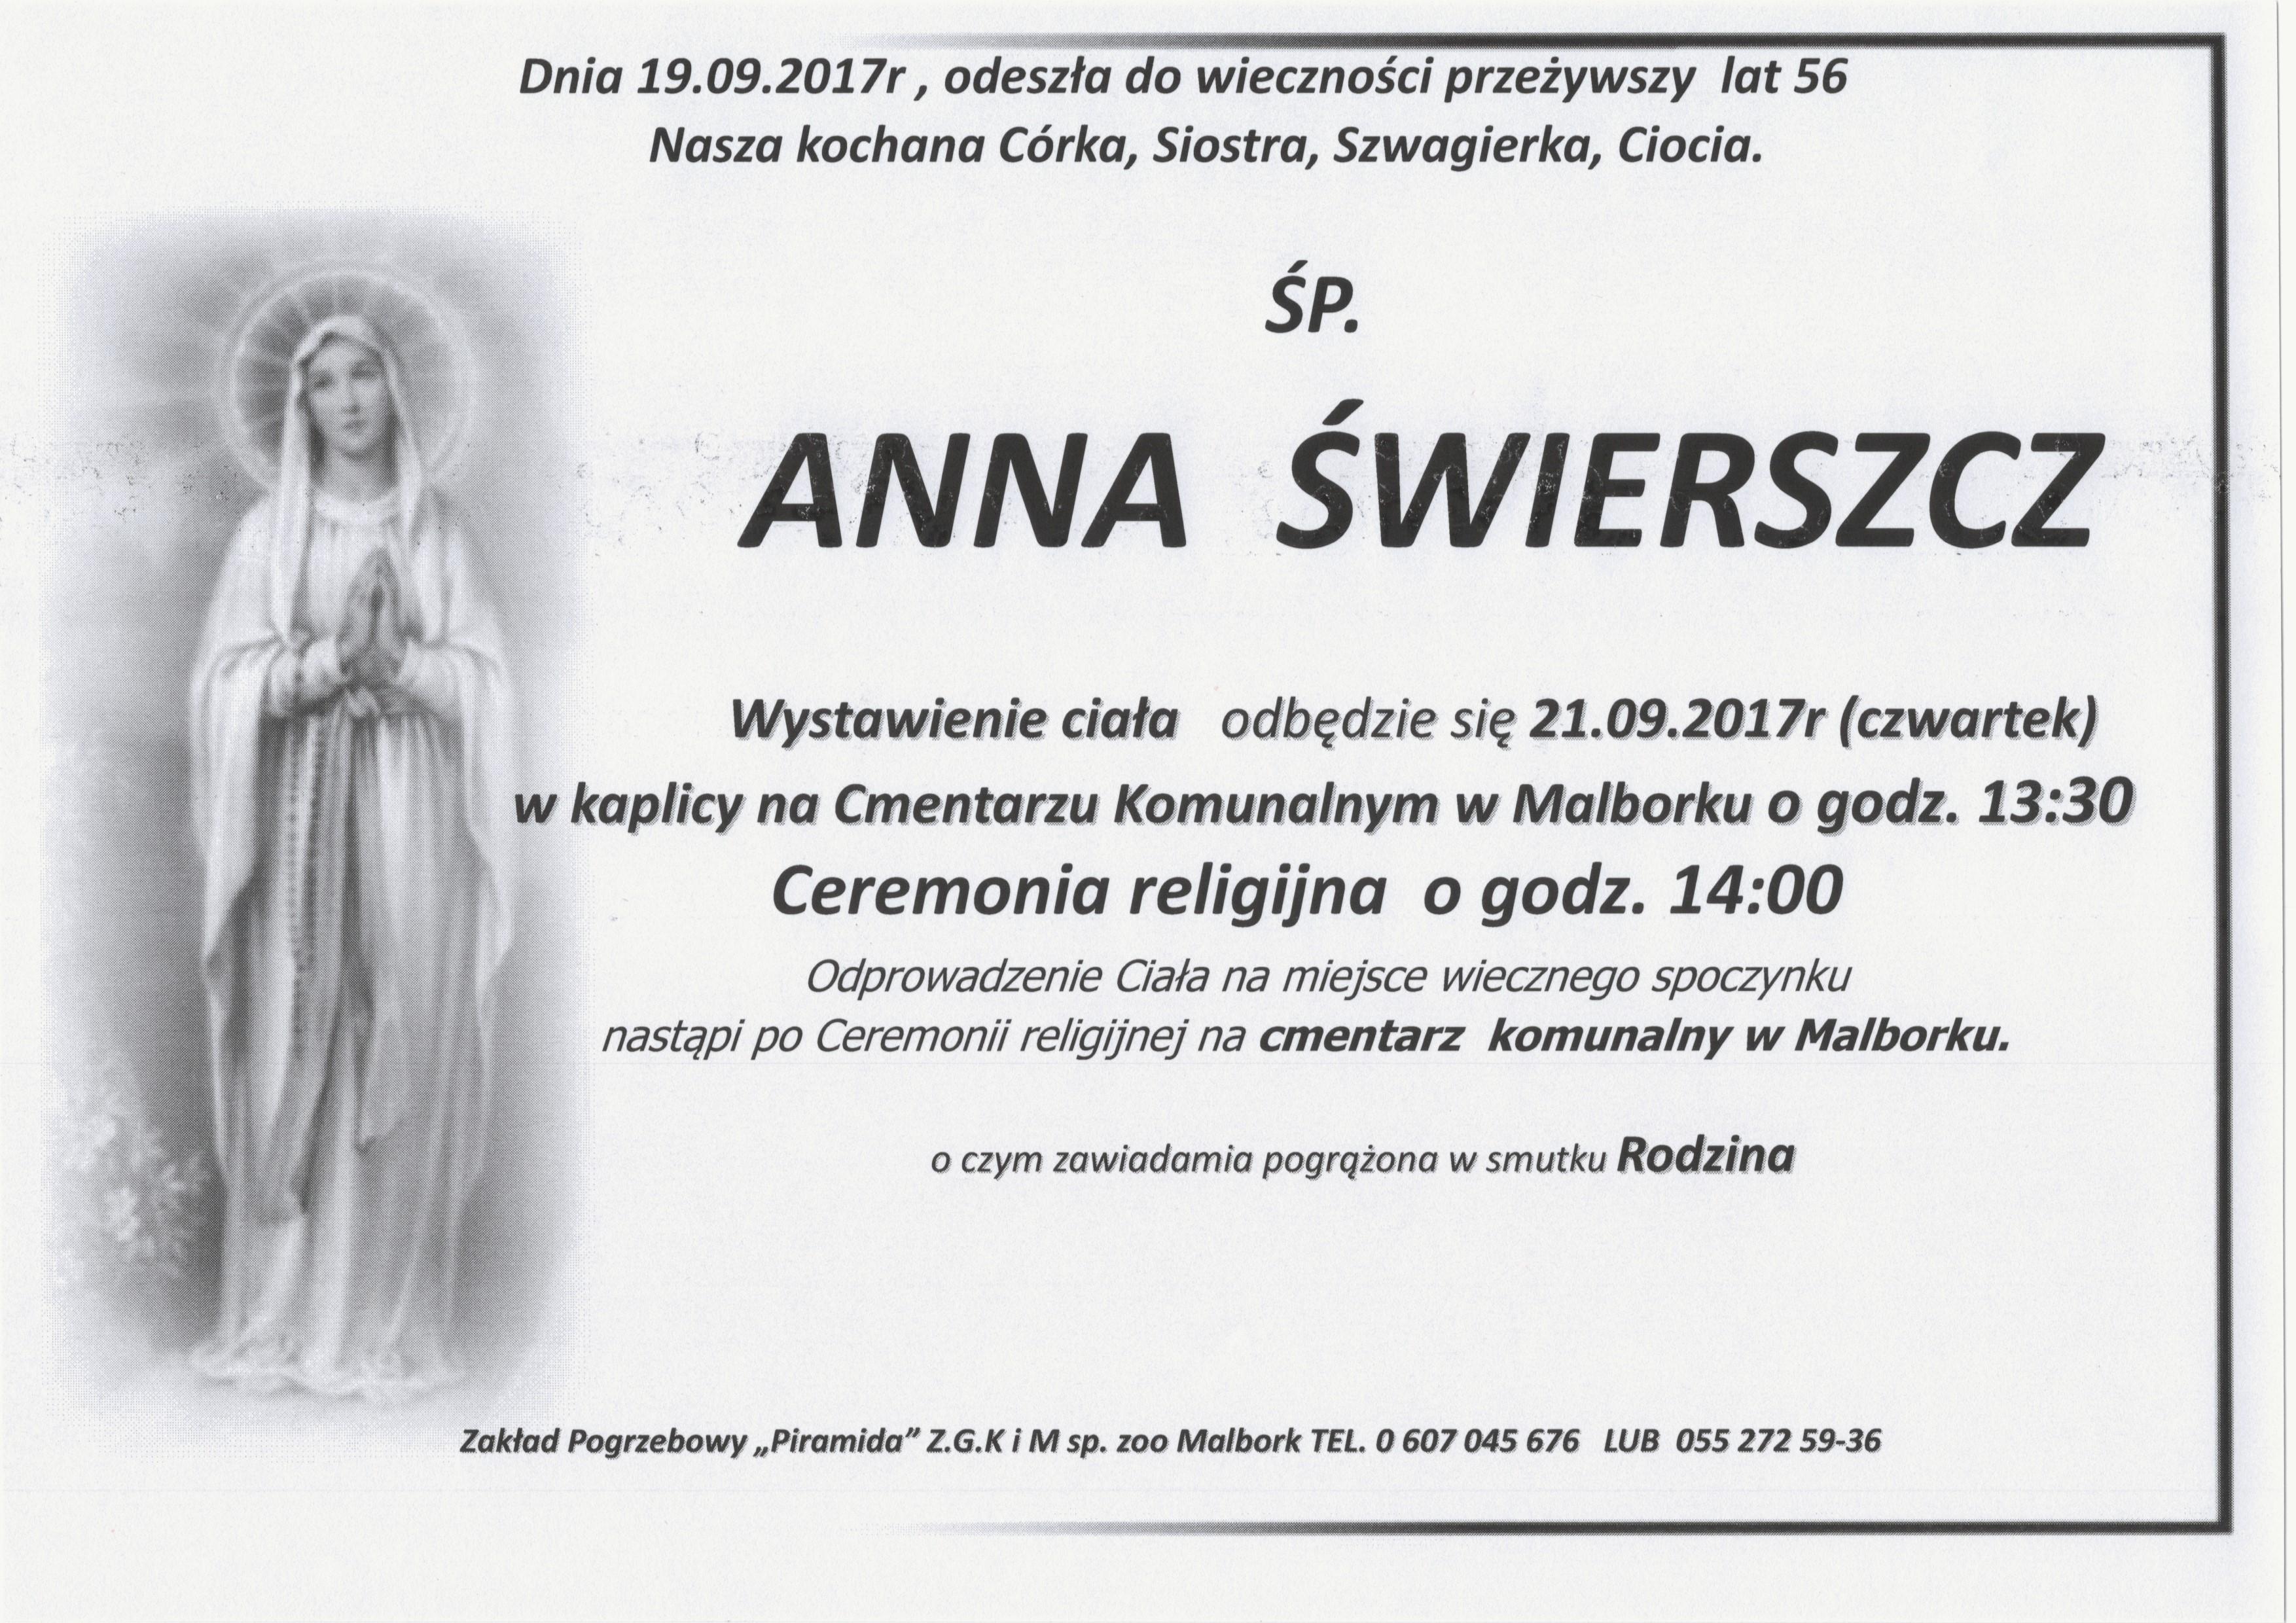 Zmarła Anna świerszcz żyła 56 Lat Tvregionalna24pl